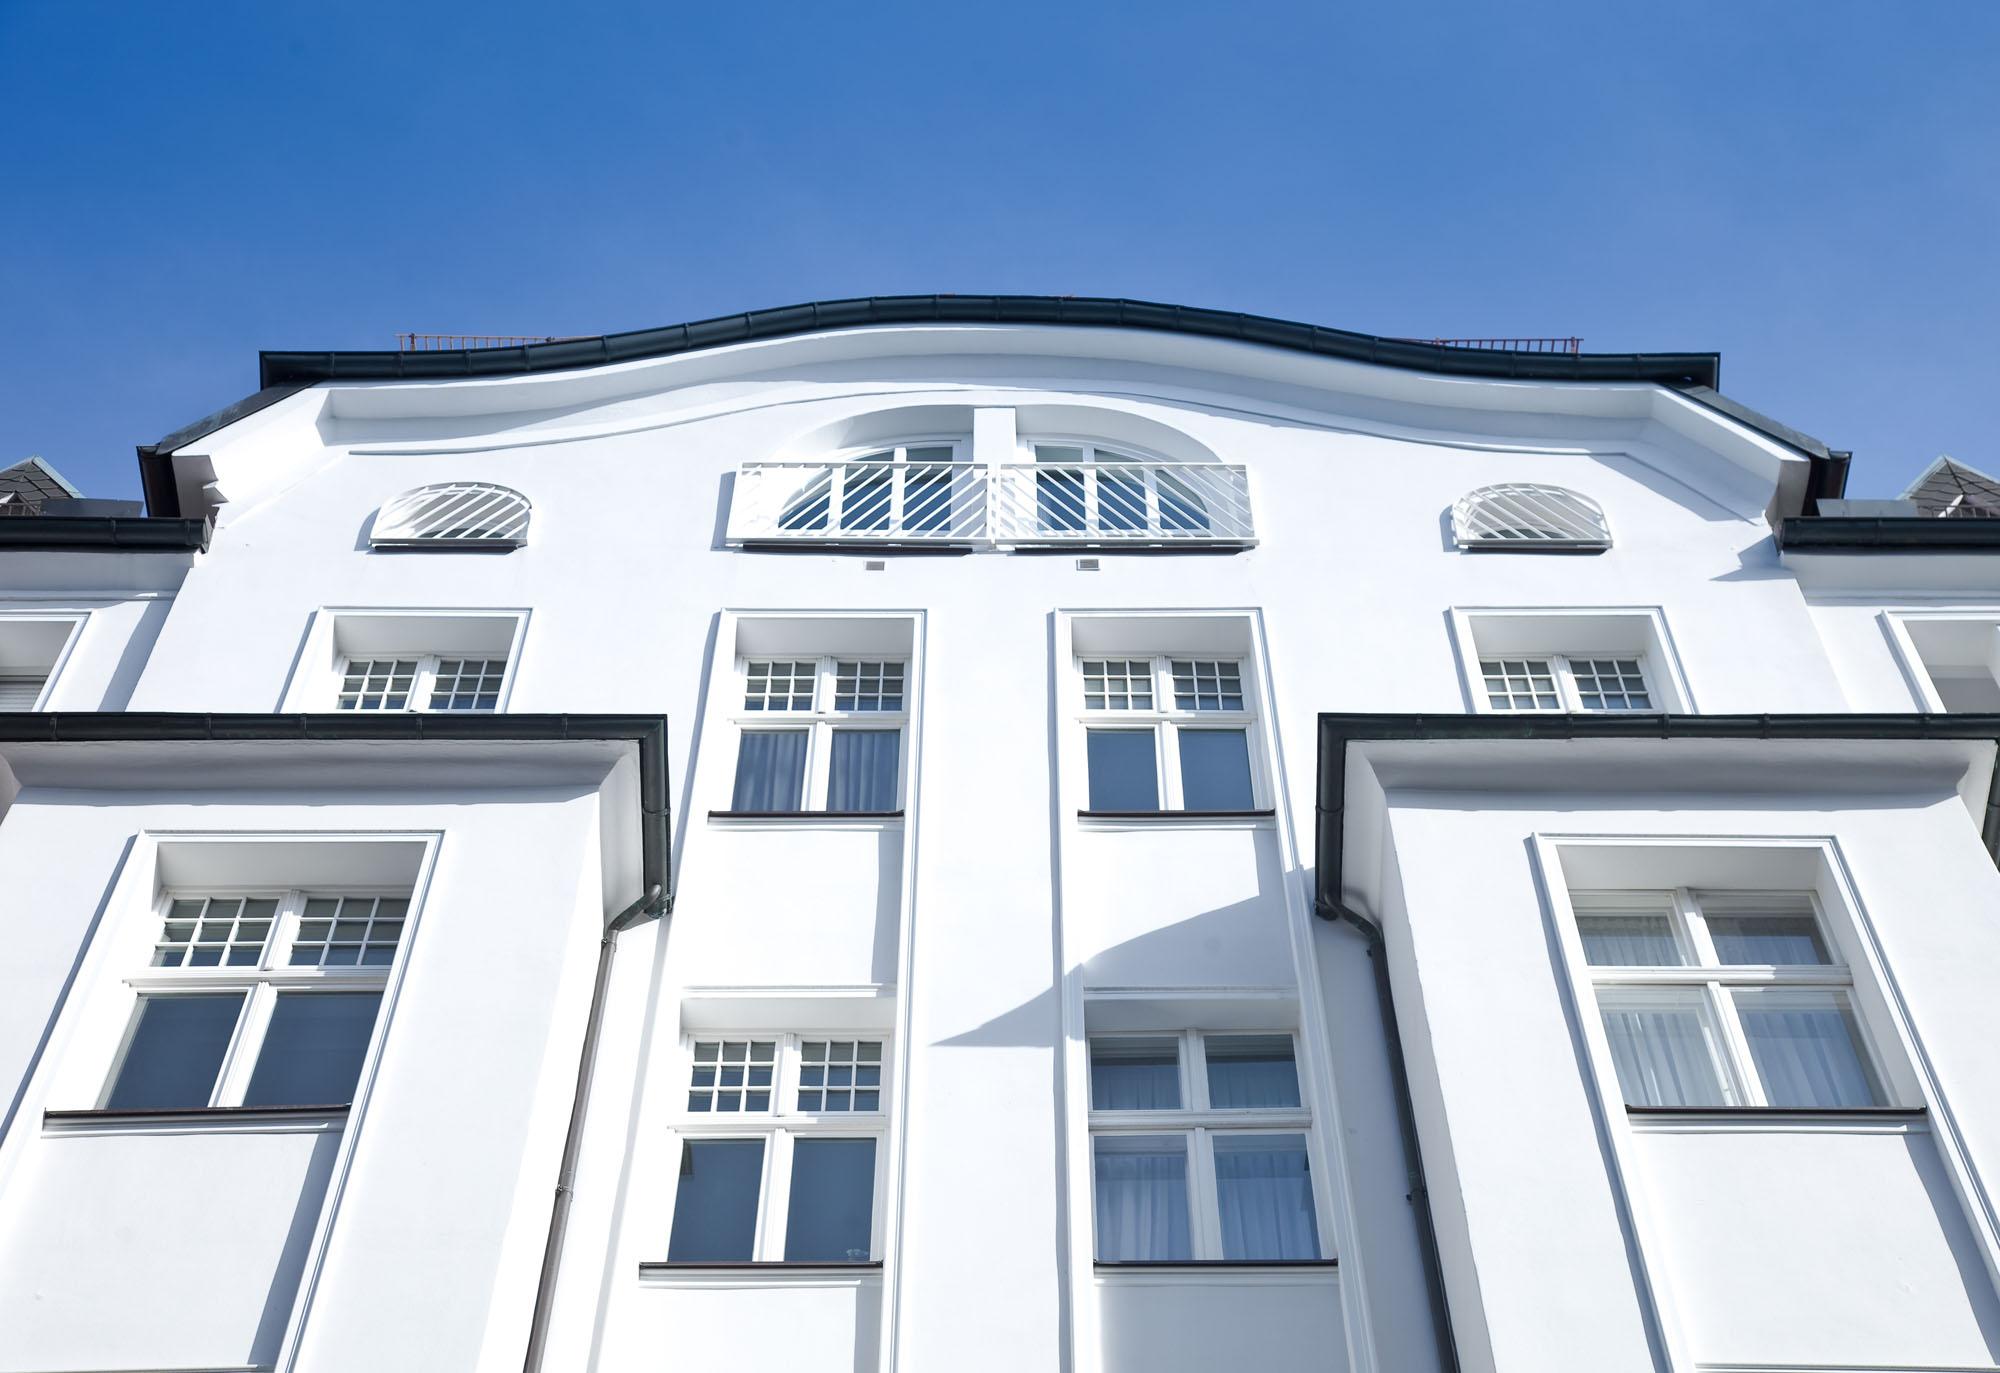 villa-mehrfamilienhaus